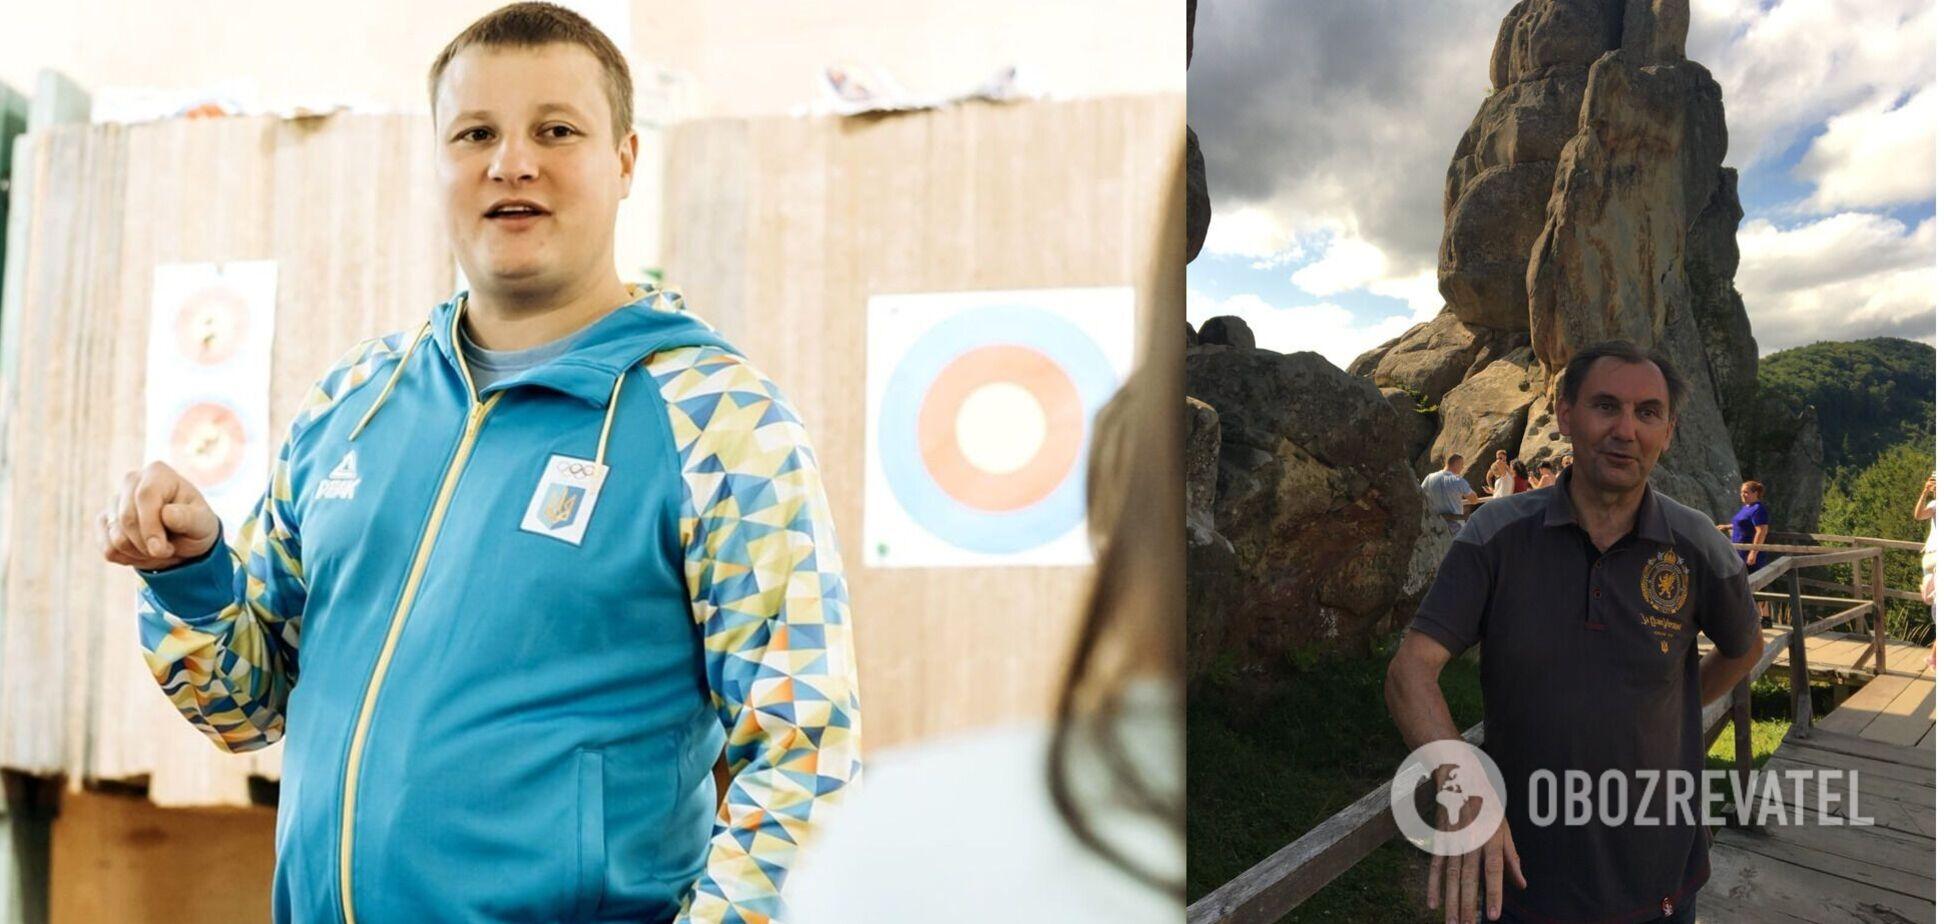 Призер Олімпіади зі Львова назвав українську мову 'псячою' і вимагав перейти на російську